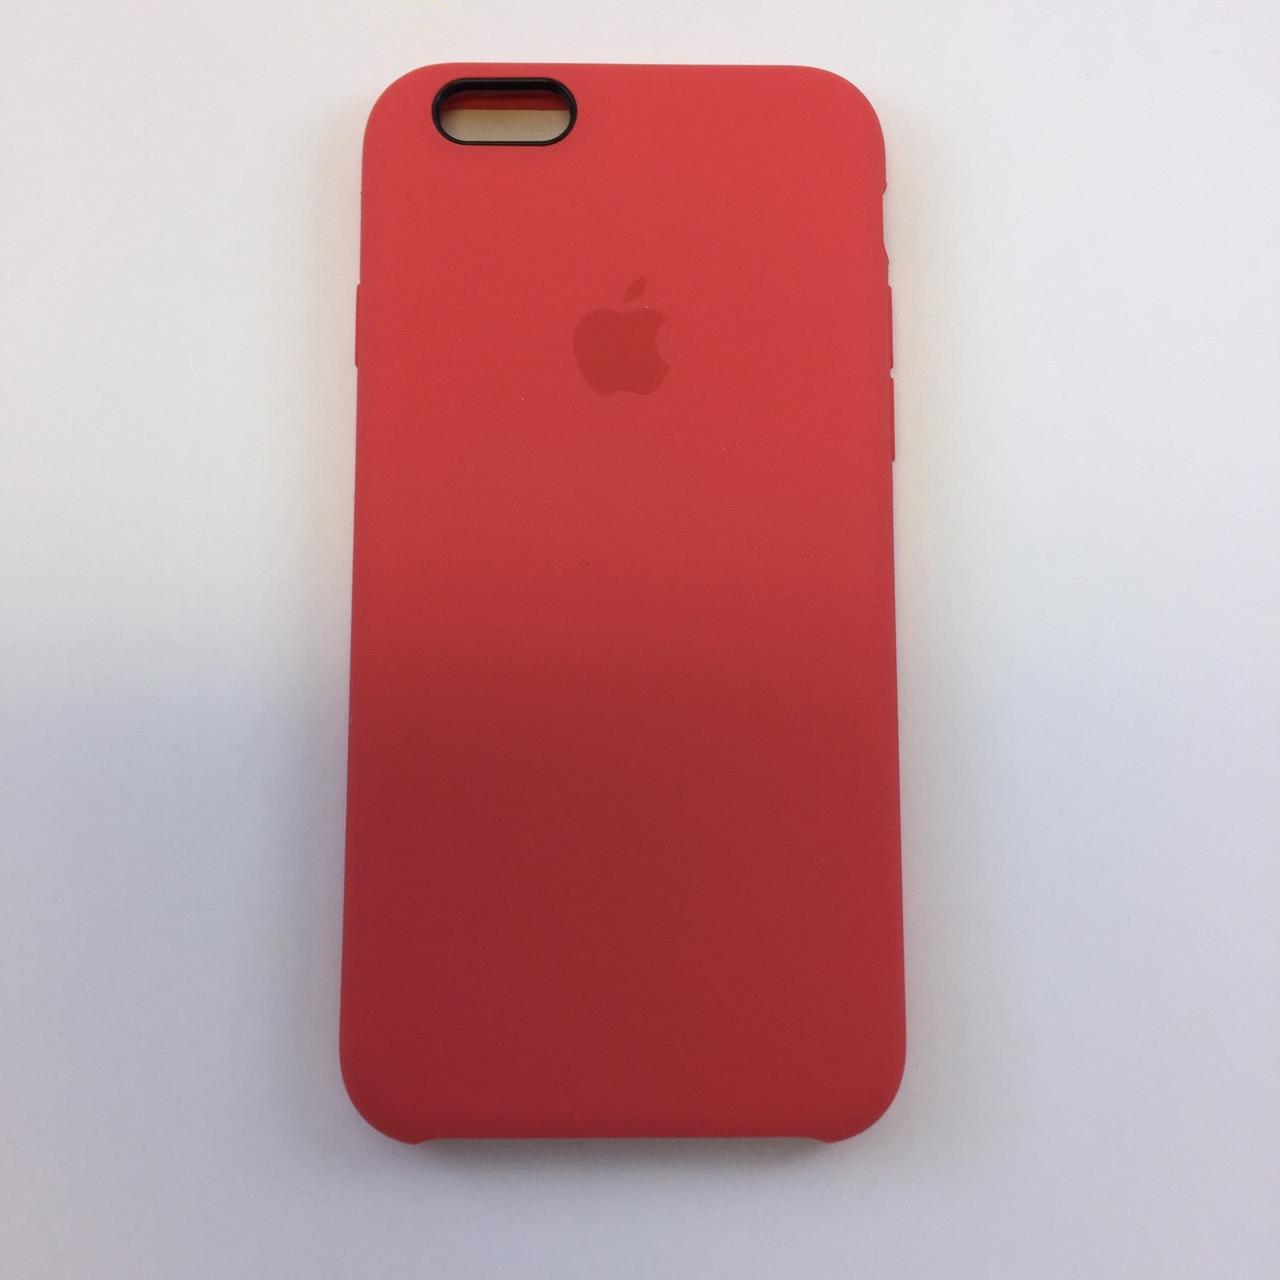 Силиконовый чехол iPhone 6/6s, камелия, copy original